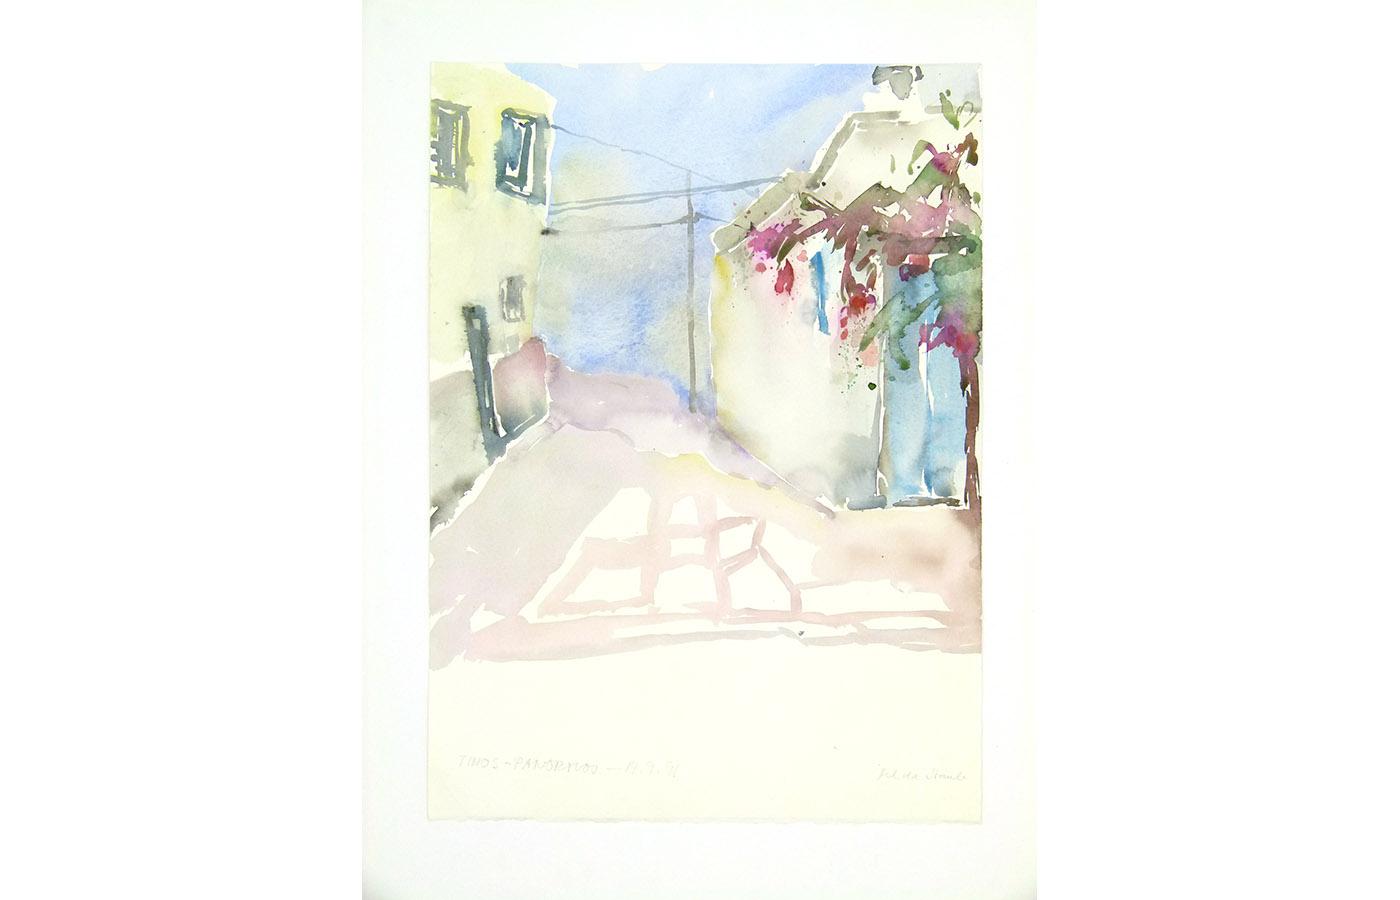 Landschaften und Reisebilder, Aquarell, 1991 bis 1993_0041_L1110032a